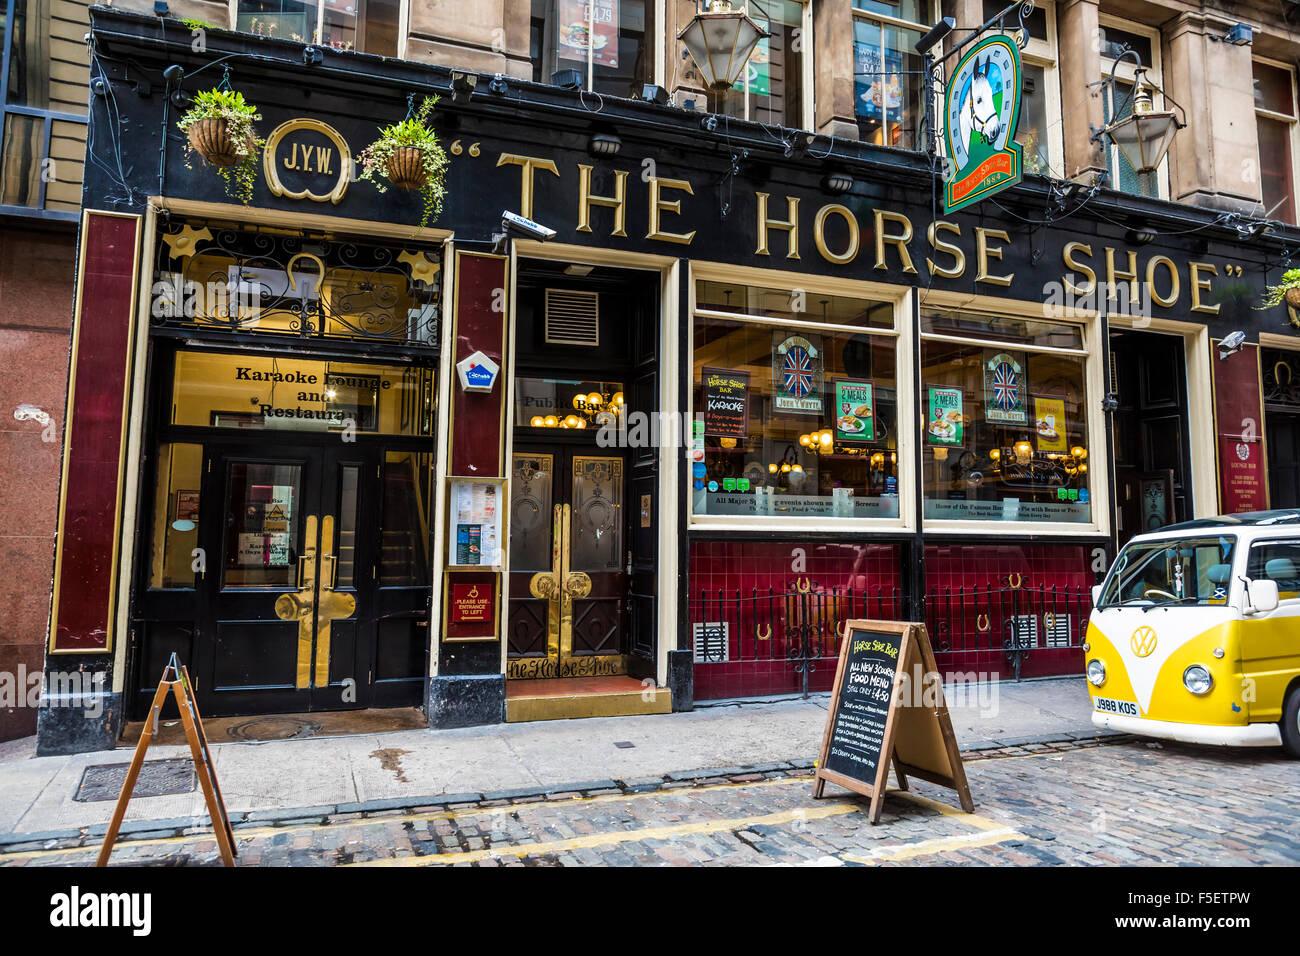 The Horse Shoe Bar dans le centre-ville de Glasgow, Drury Street, Écosse, Royaume-Uni Banque D'Images